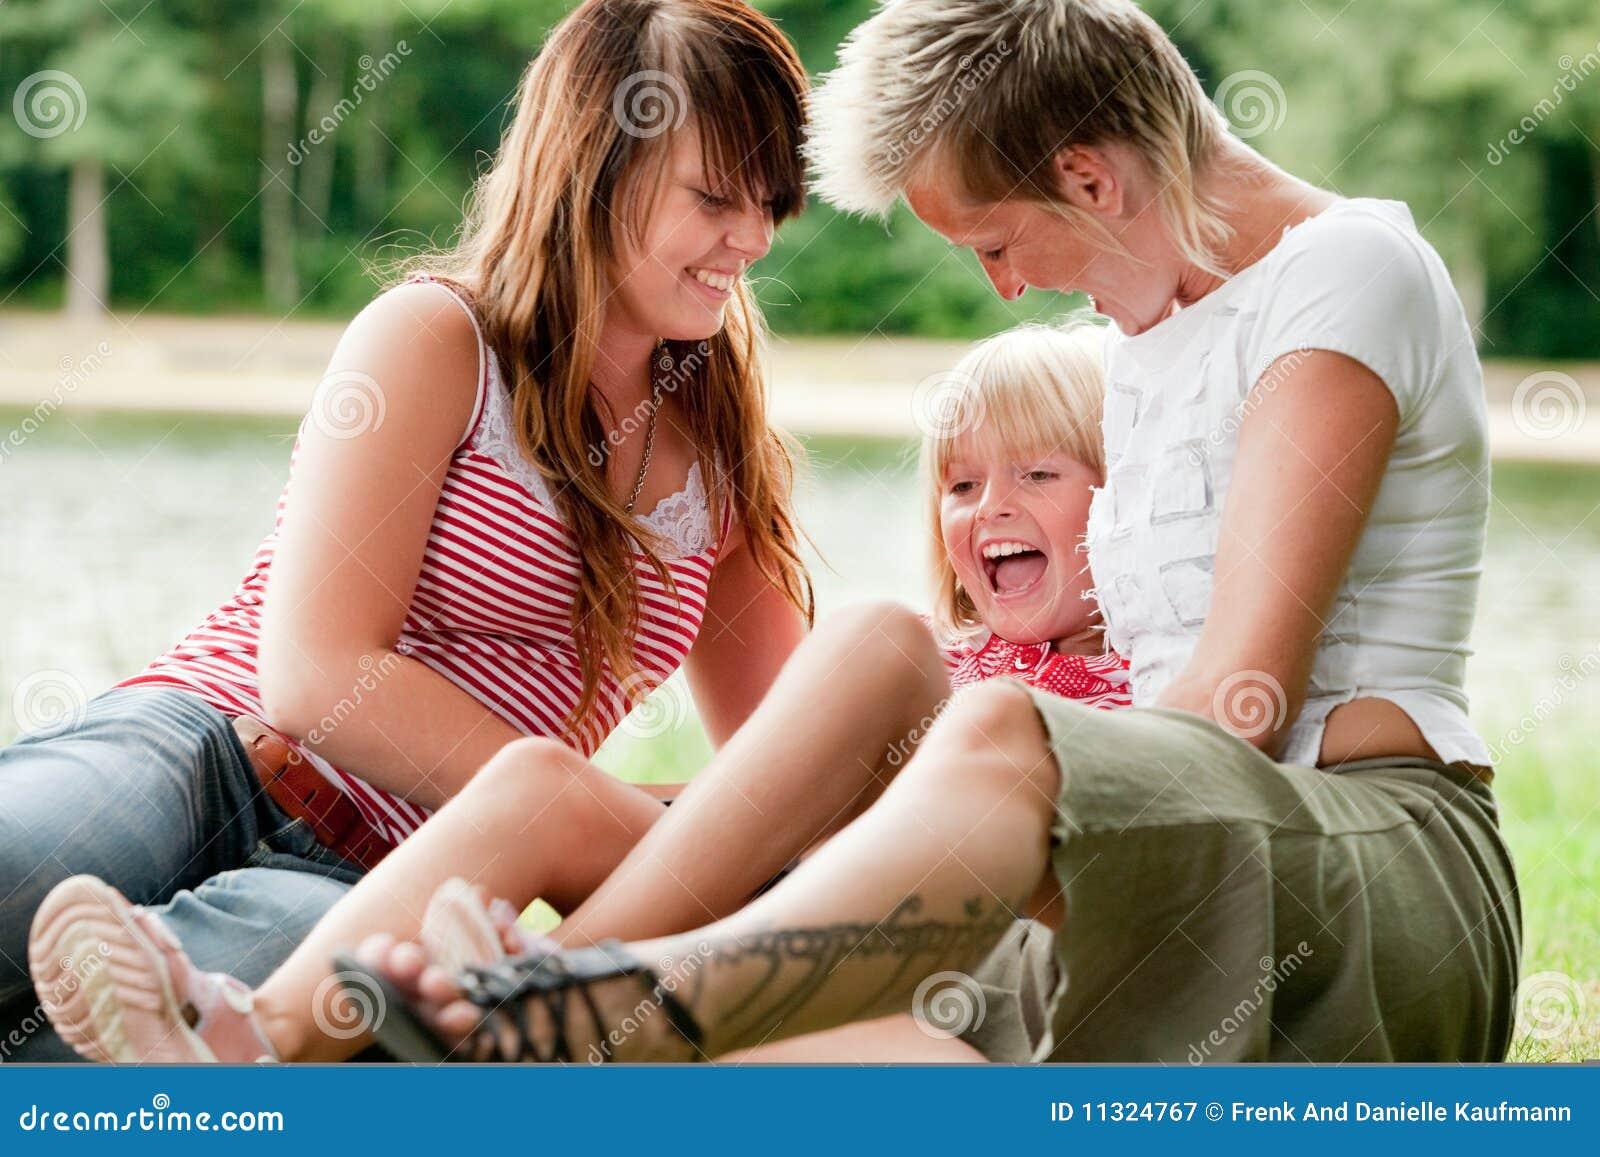 Tickling eins der Mädchen